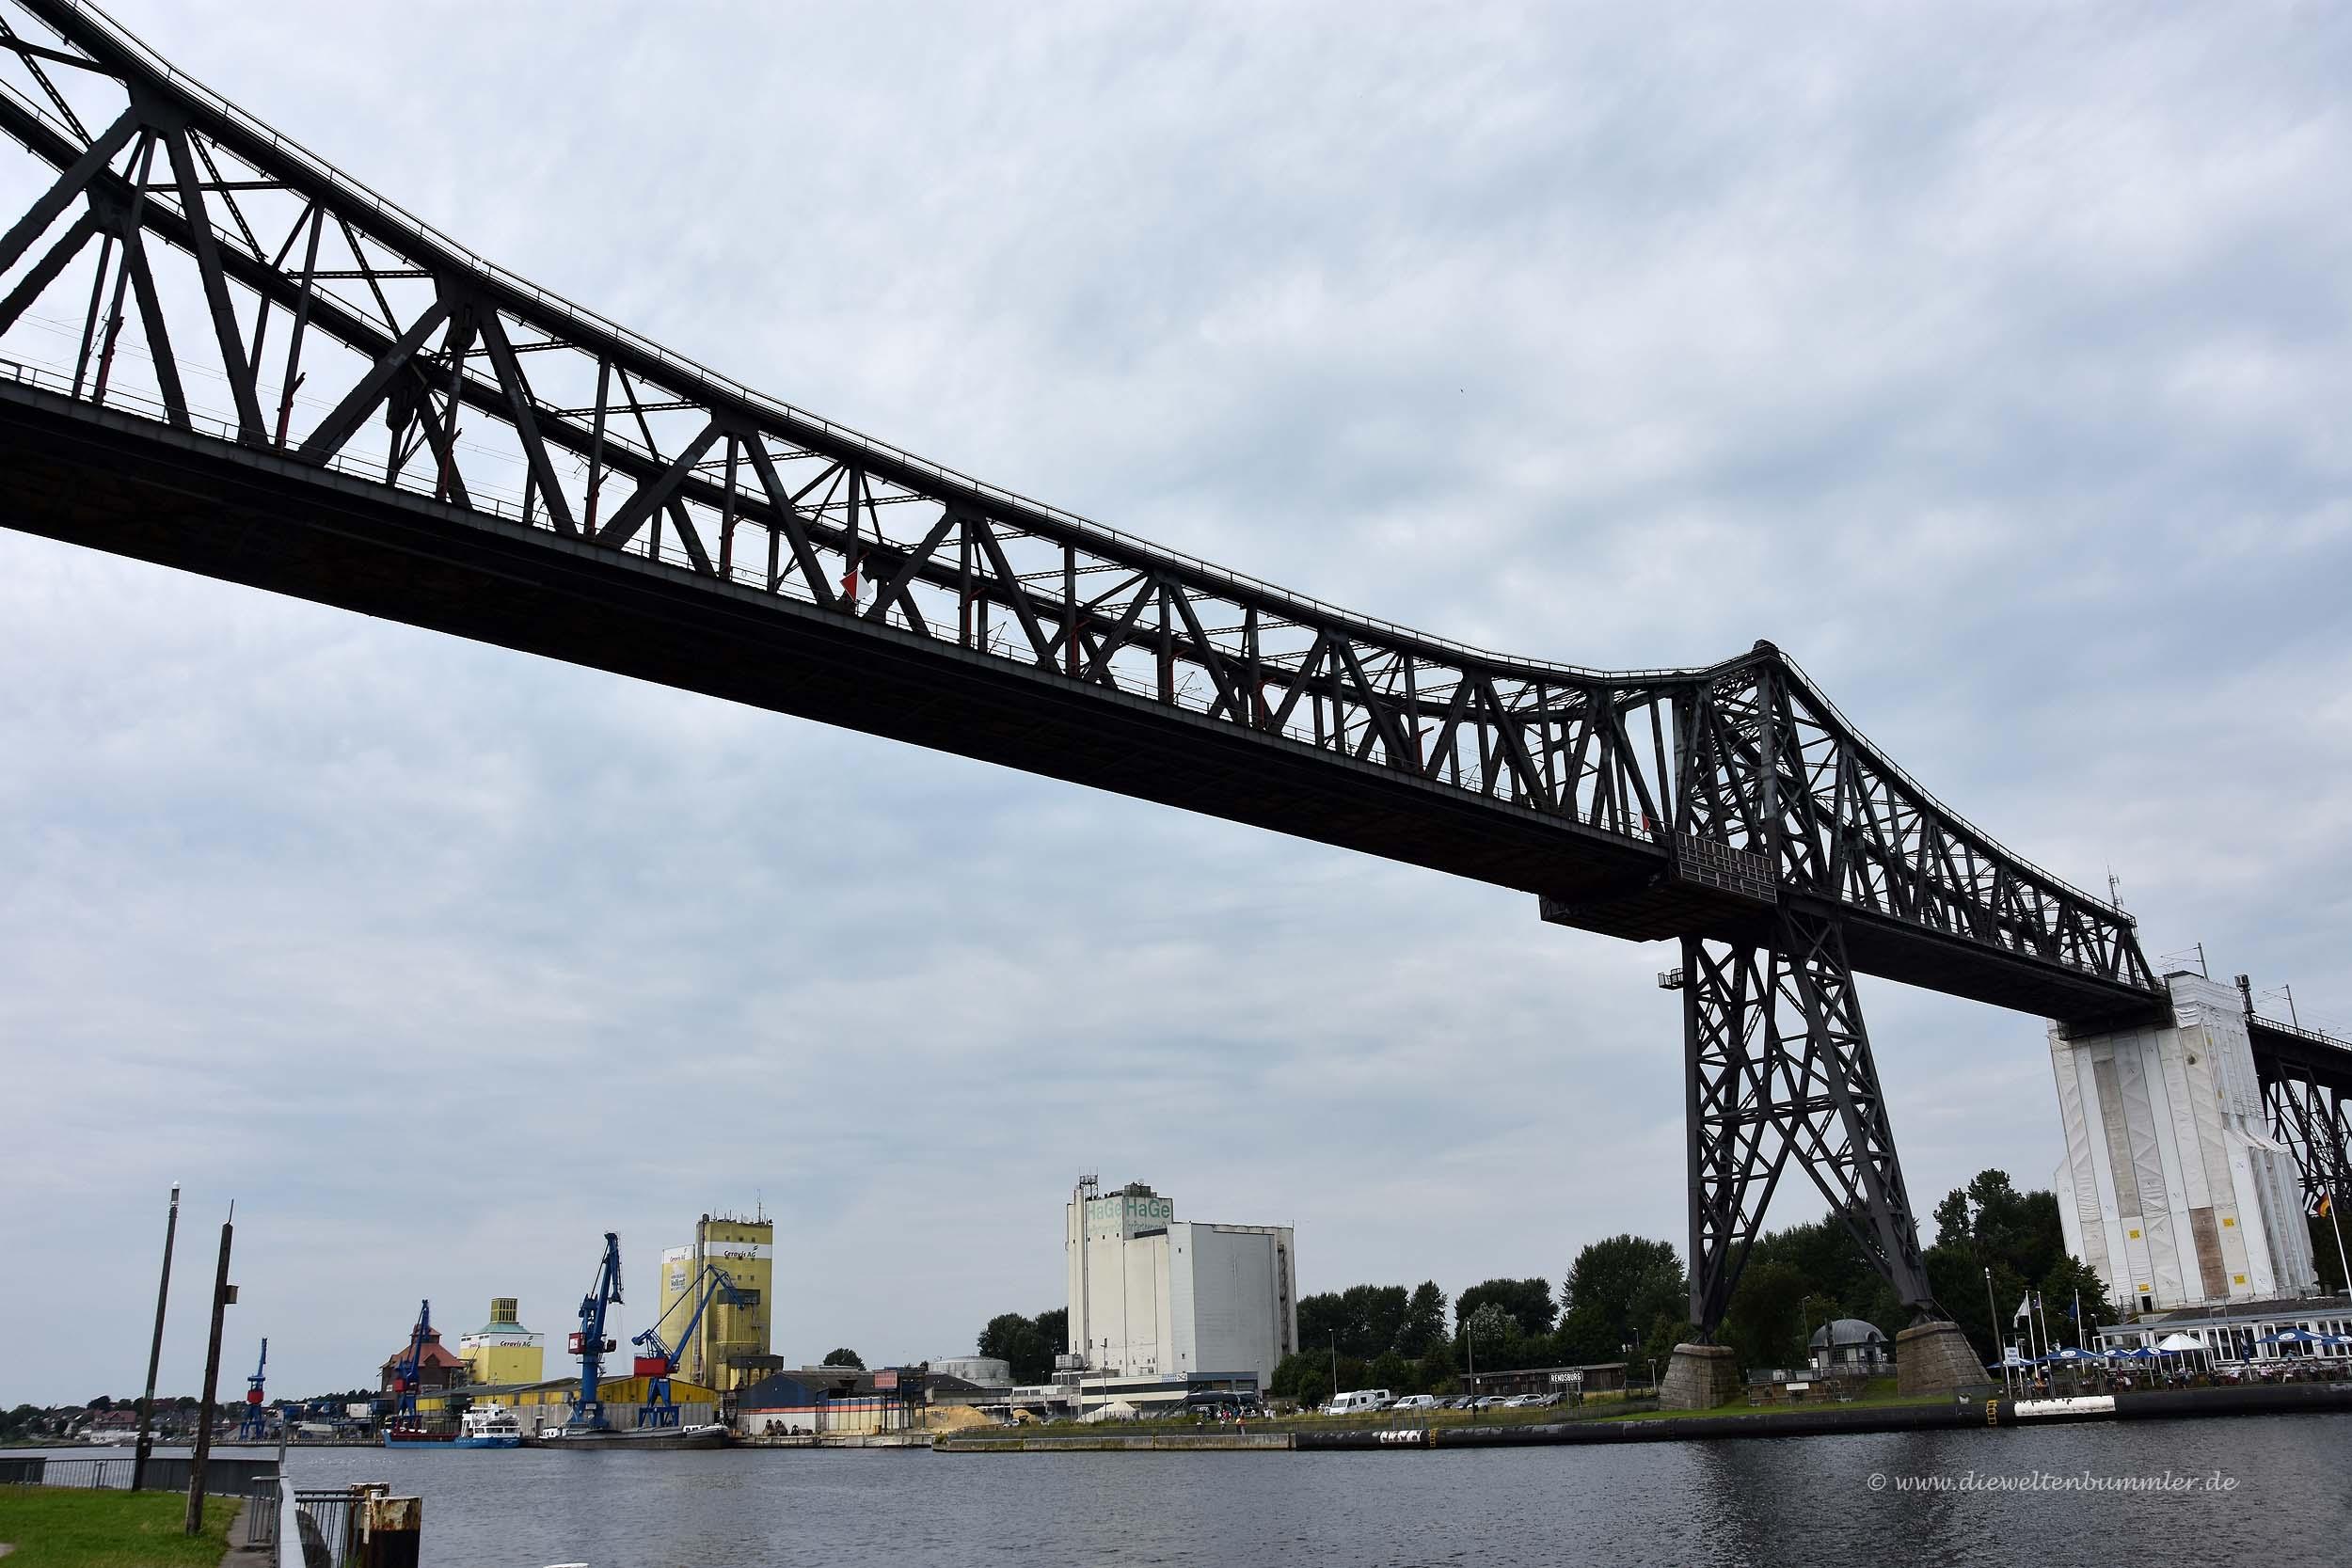 Brücke der Schwebefähre in Rendsburg